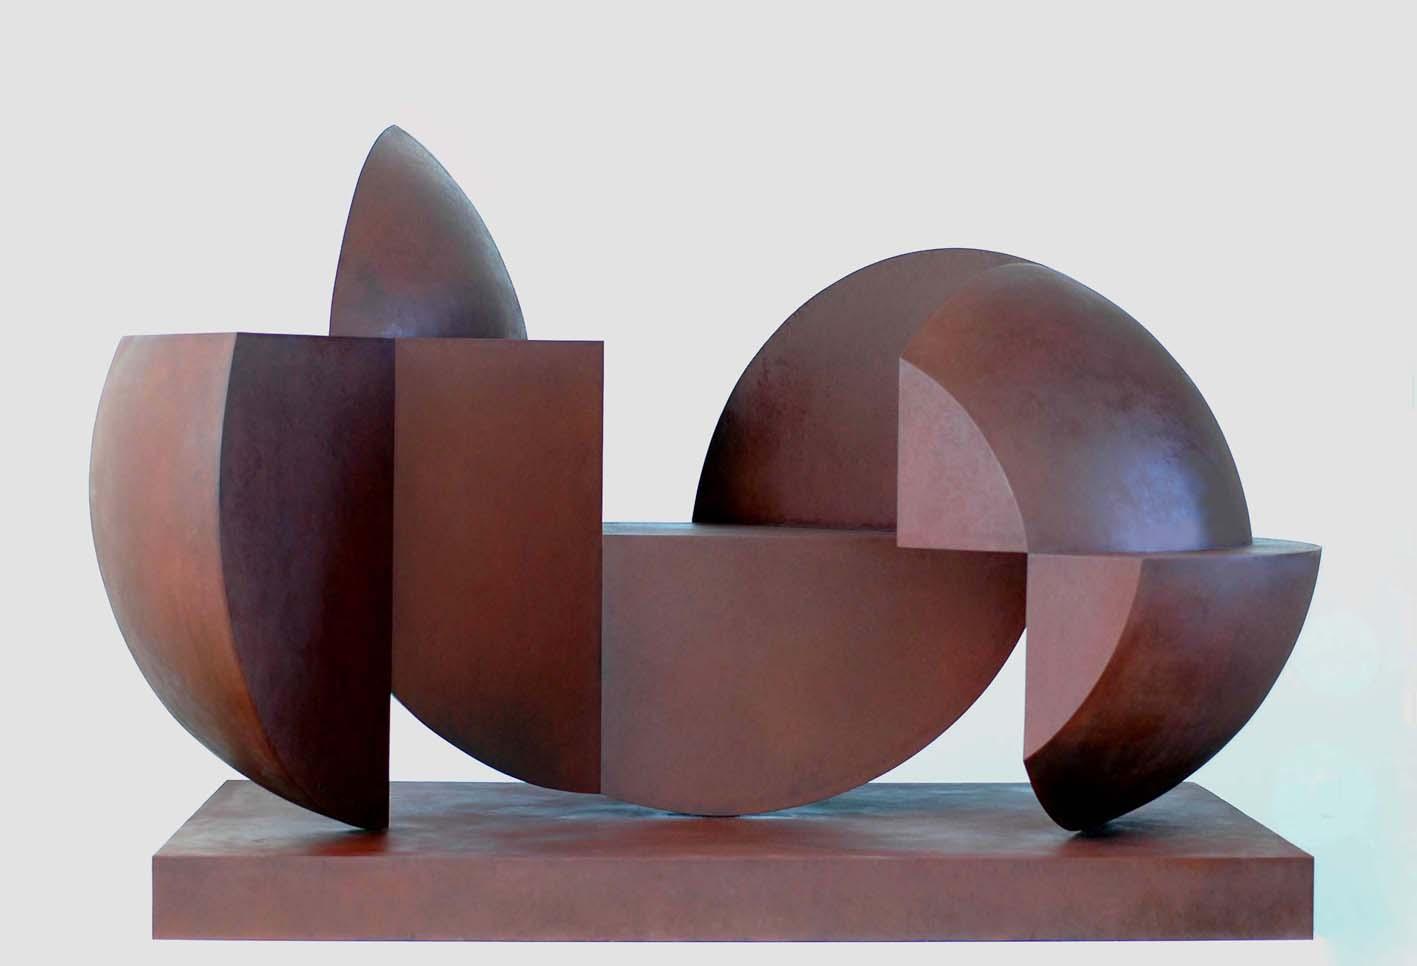 Esperante, acero corten, 2013, 105 x 179 x 112 cm.